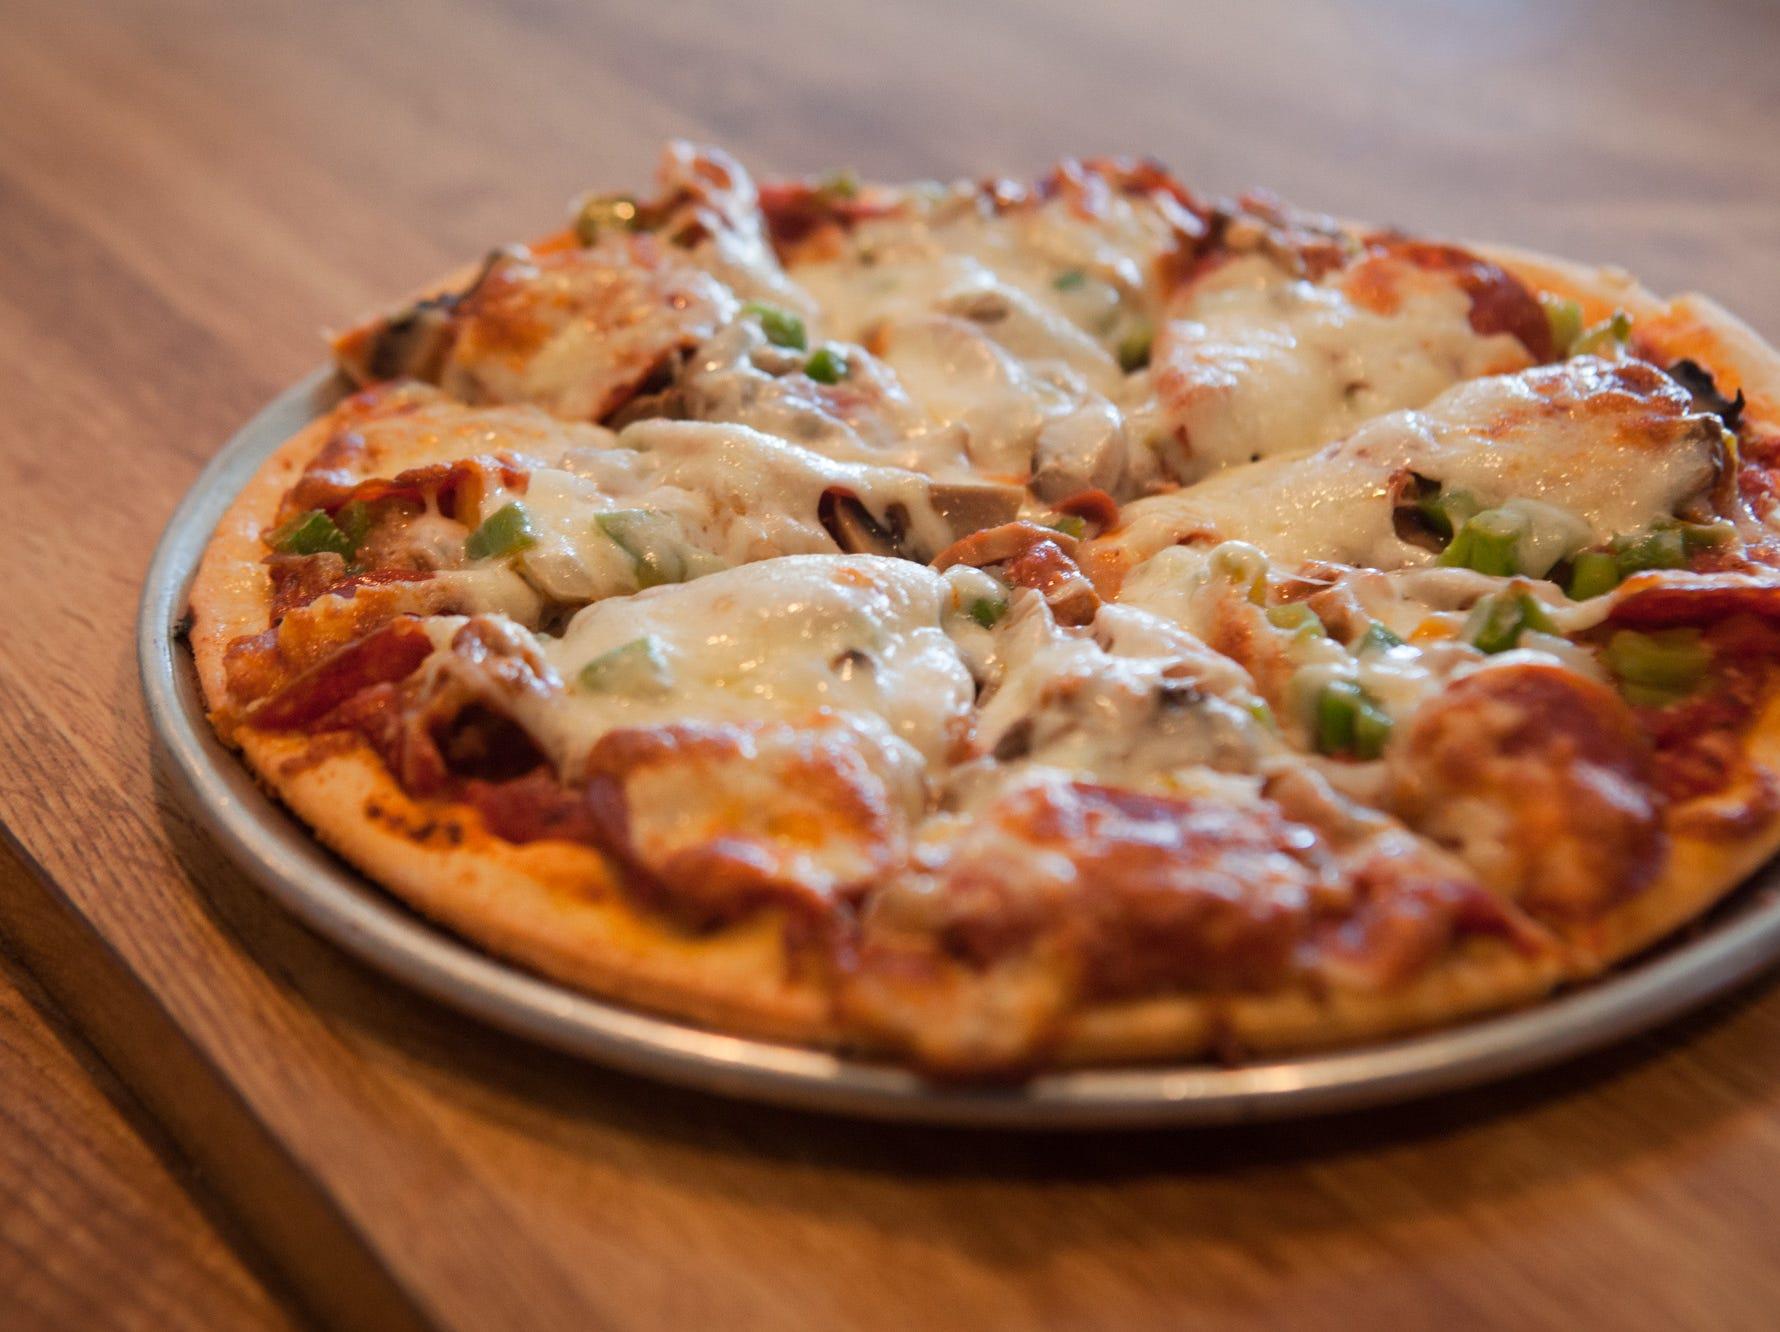 A small combo pizza with sausage, mushroom, onion, green pepper and pepperoni. Scott Morgan/Special to Juice A small combo pizza with sausage, mushroom, onion, green pepper and pepperoni Tuesday, Feb. 12, 2013, at Scornovacca's Ristorante in Des Moines.